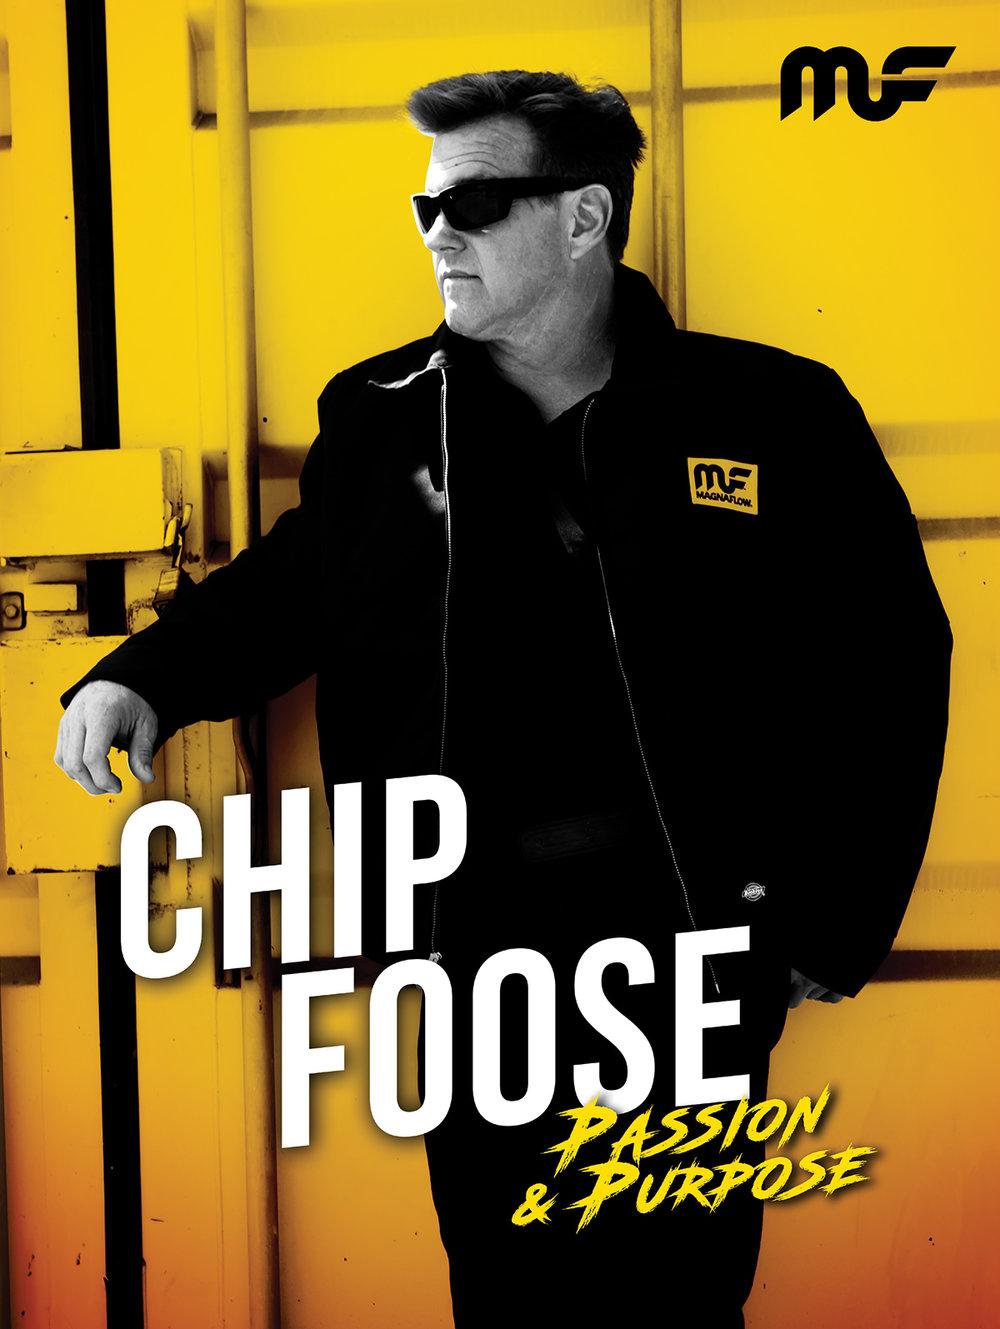 ChipFoose.jpg